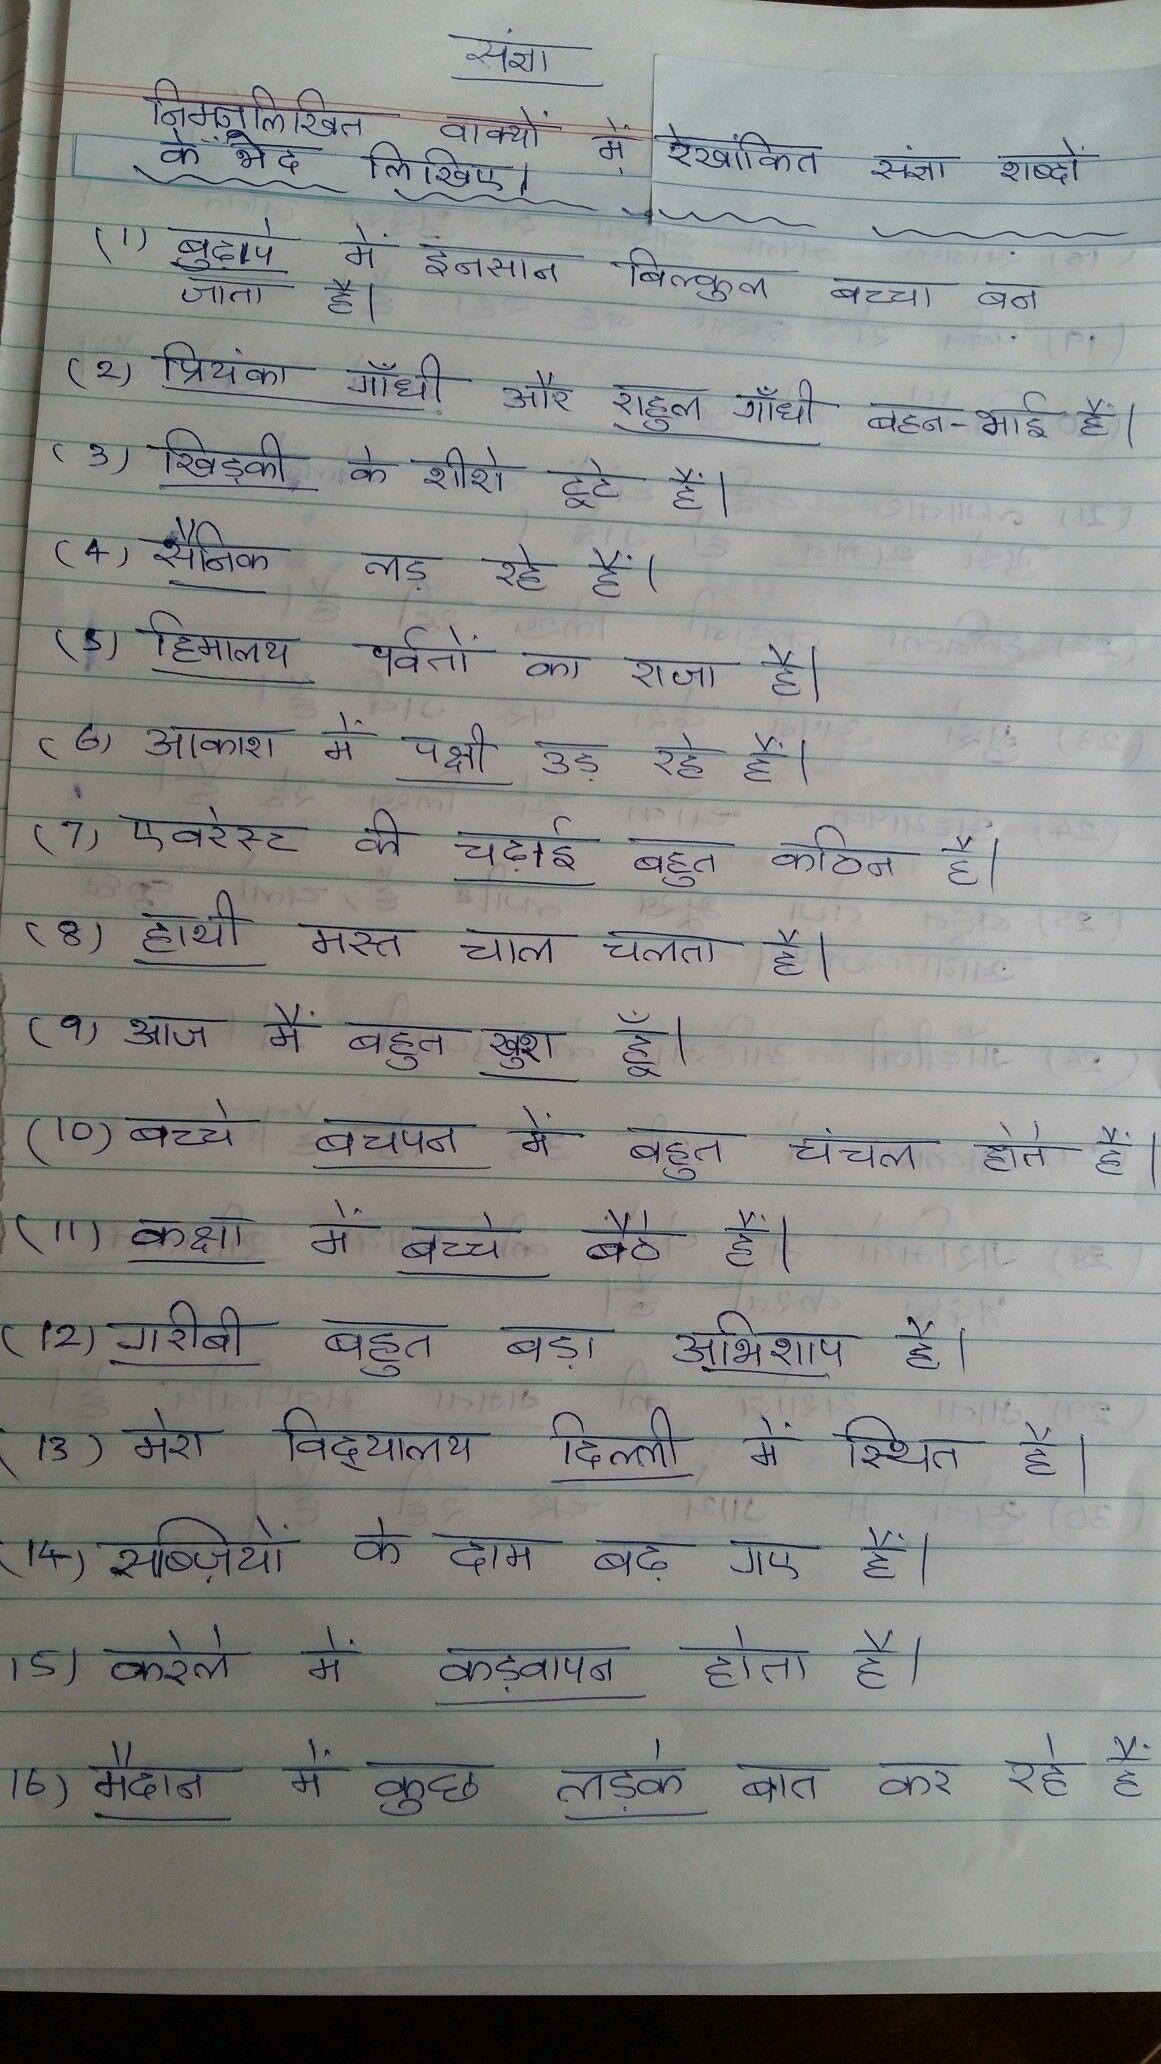 small resolution of Hindi grammar WORKSHEETS-SANGYA ...PNV   Hindi worksheets